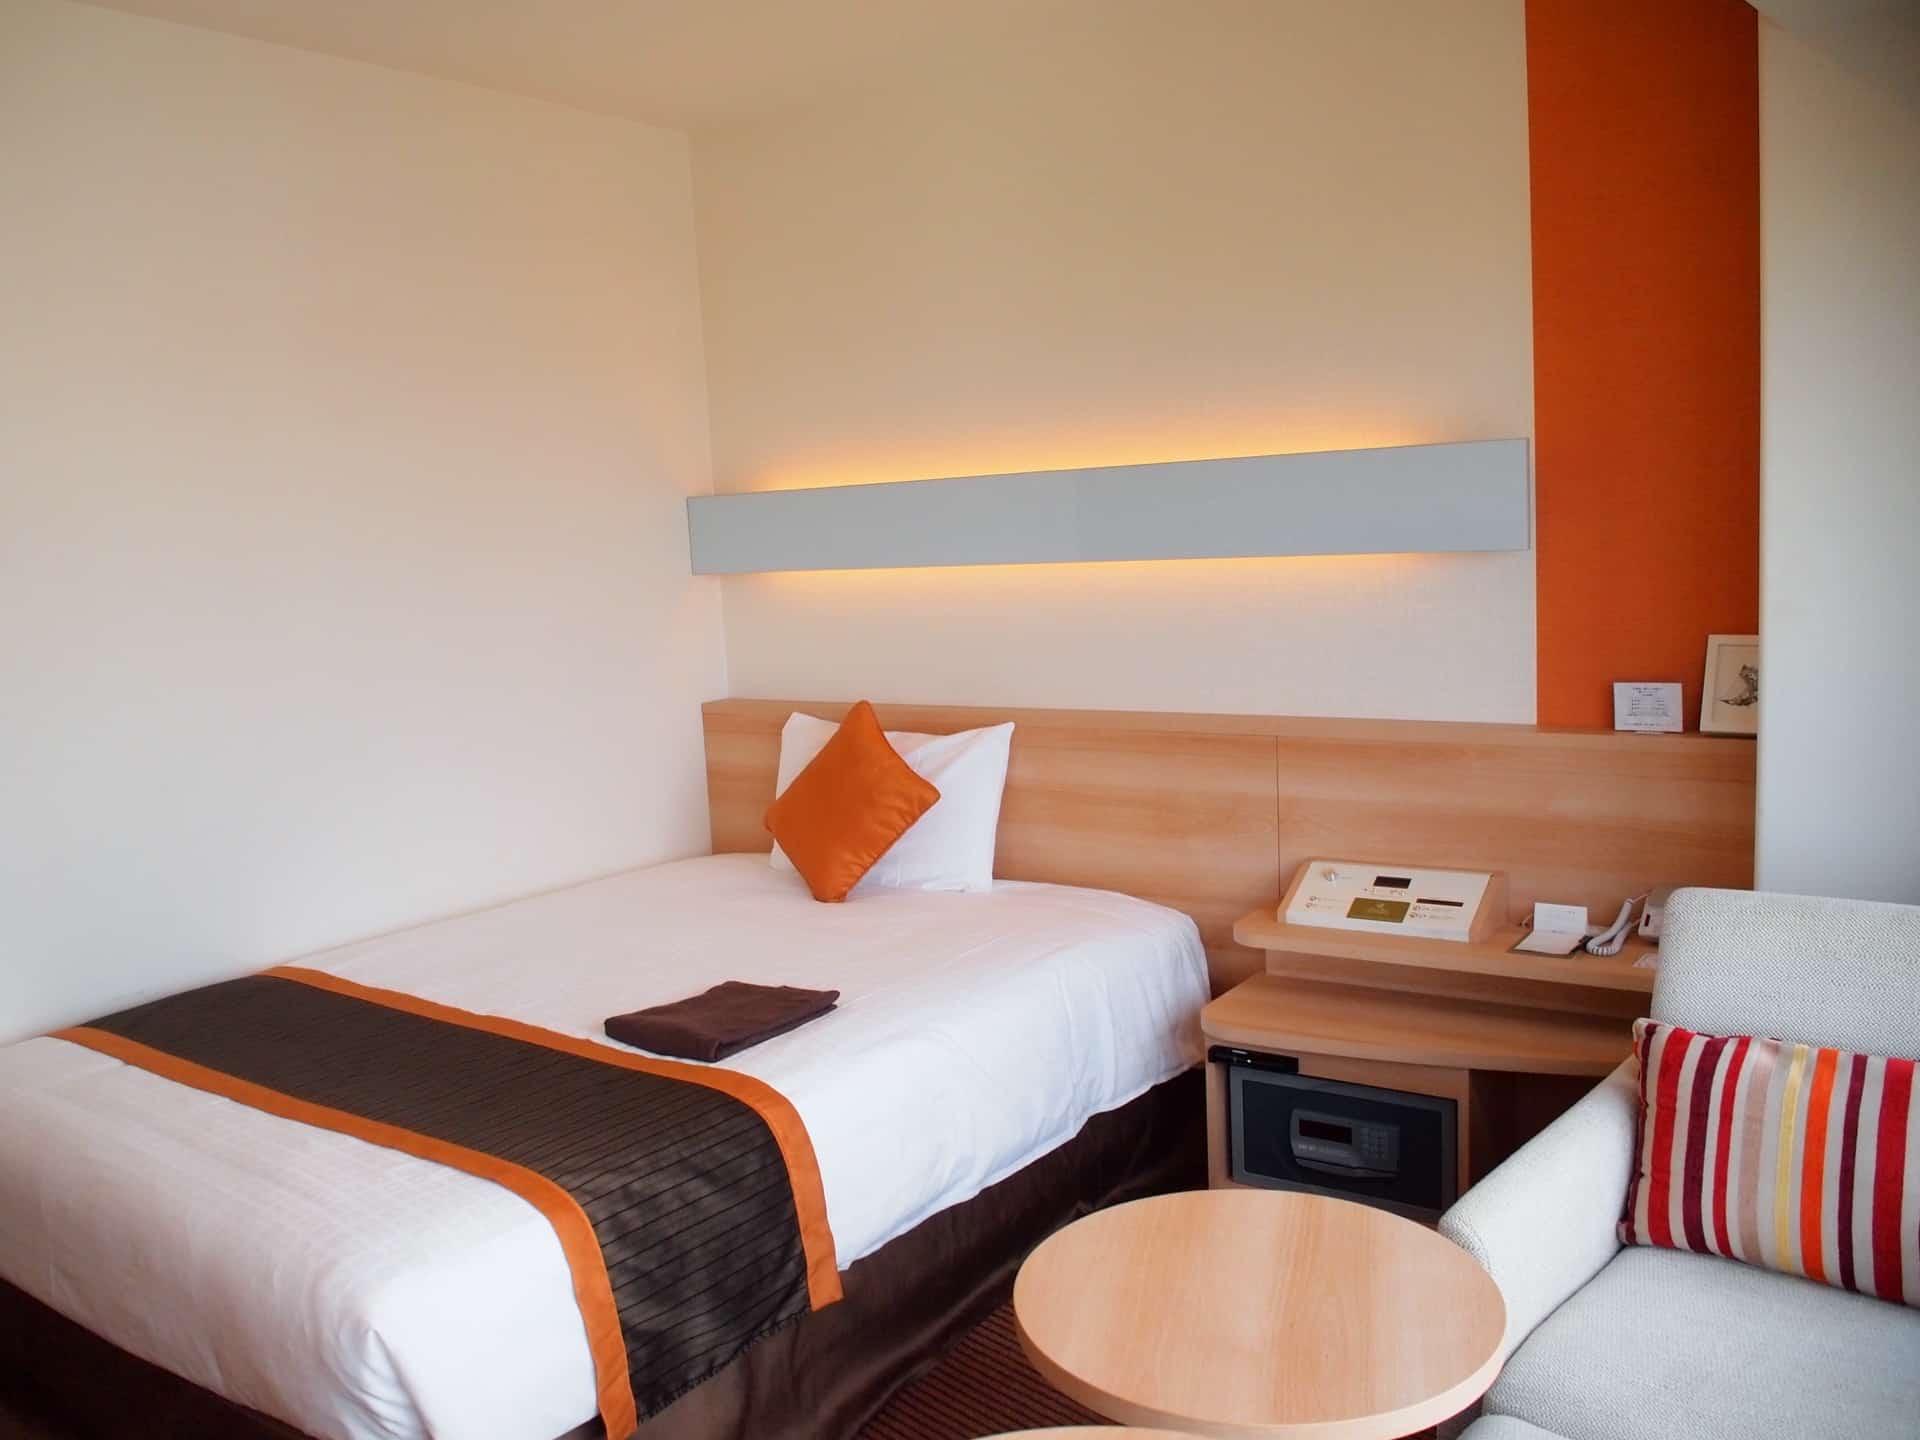 【宿泊記】横アリ遠征に!「新横浜プリンスホテル」はアクセス抜群。レディースフロアも◎